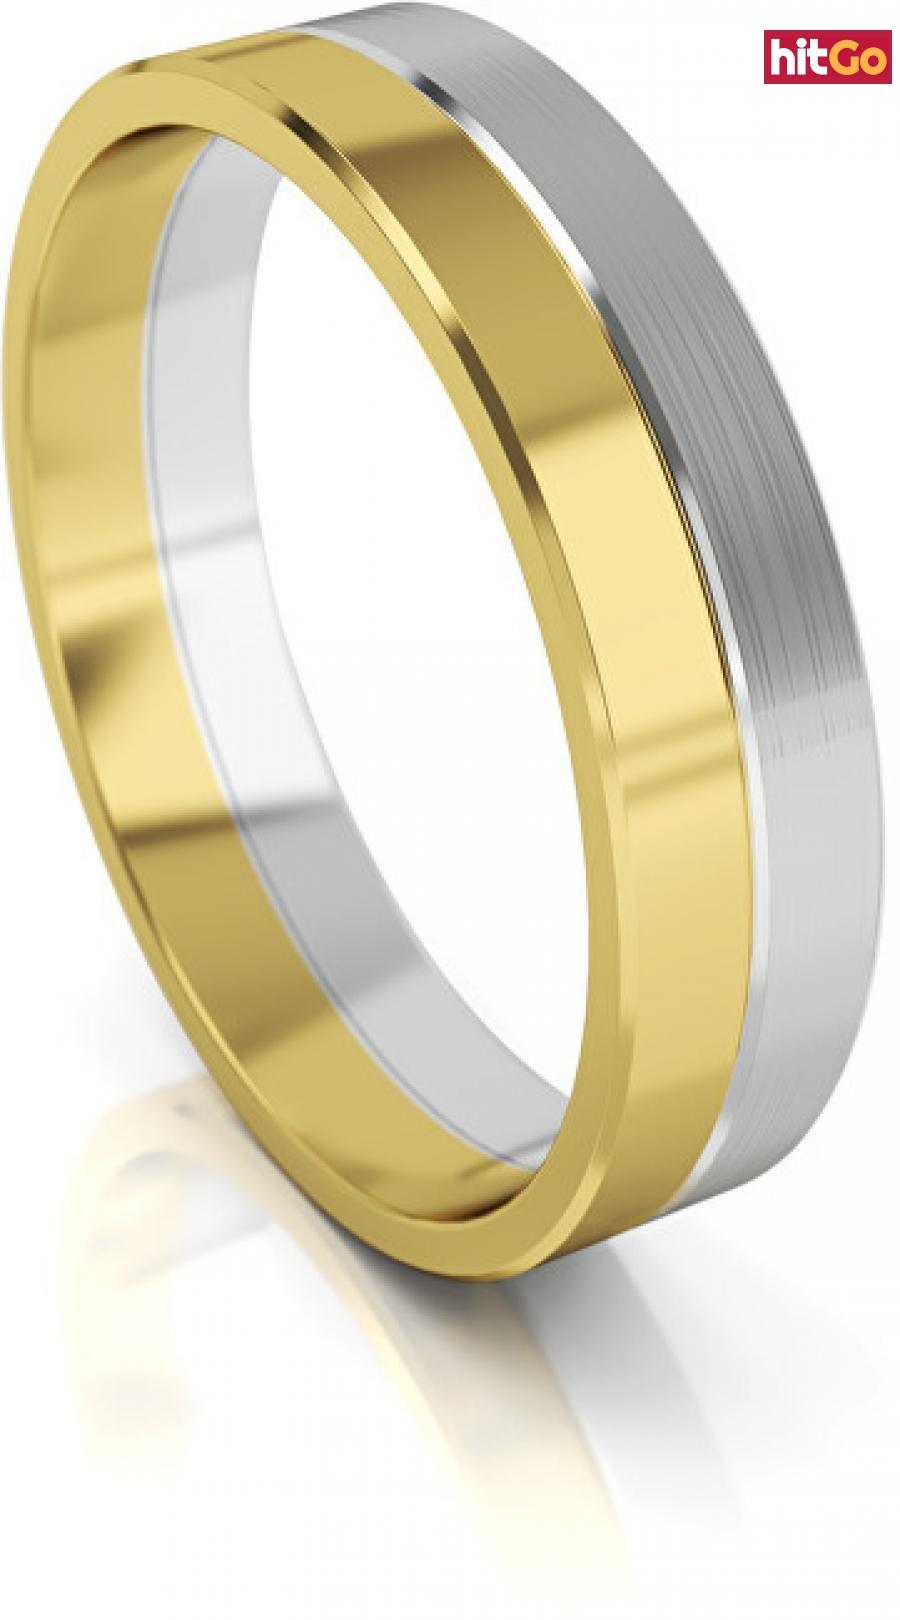 Art Diamond Pánský bicolor snubní prsten ze zlata AUG121 64 mm pánské